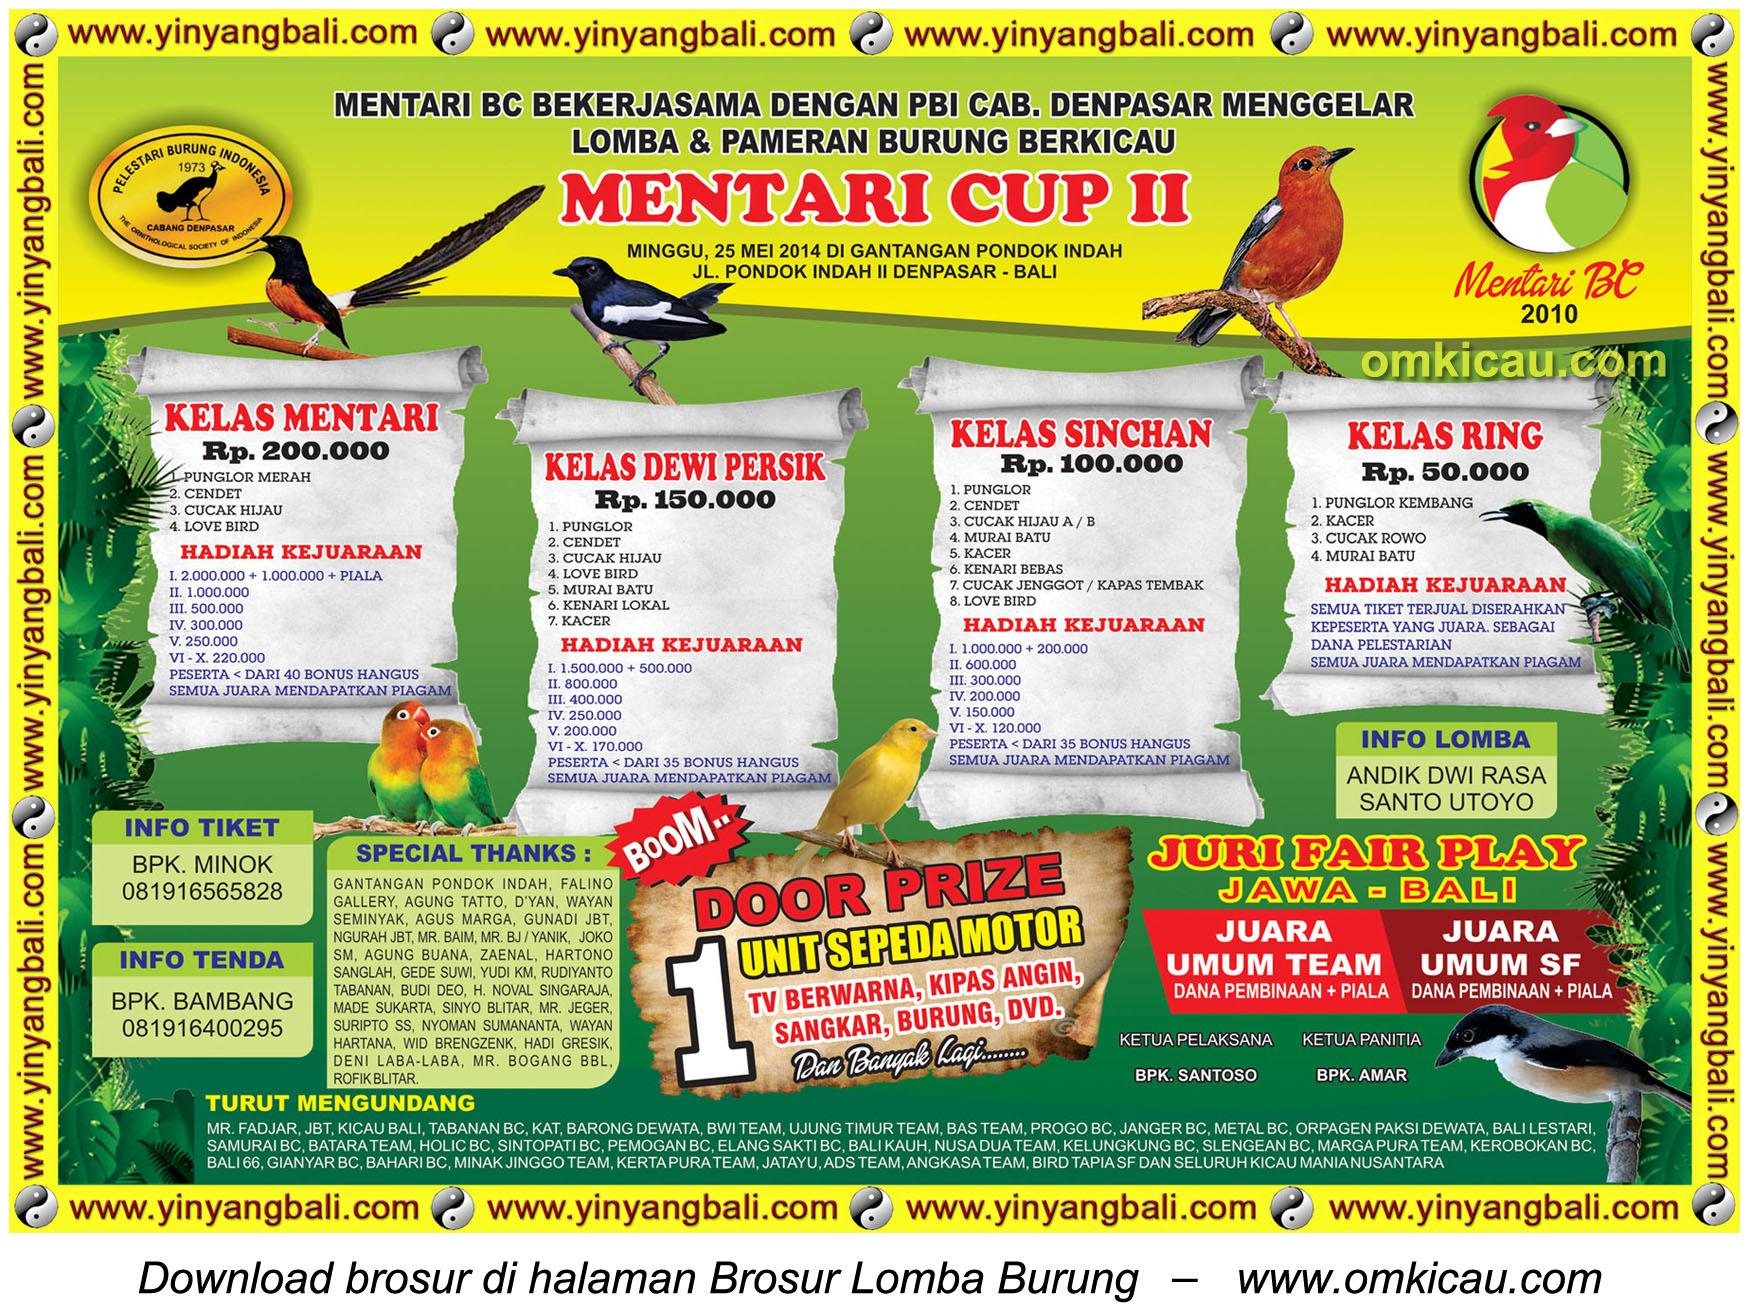 Brosur Lomba Burung Berkicau Mentari Cup II, Denpasar, 25 Mei 2014